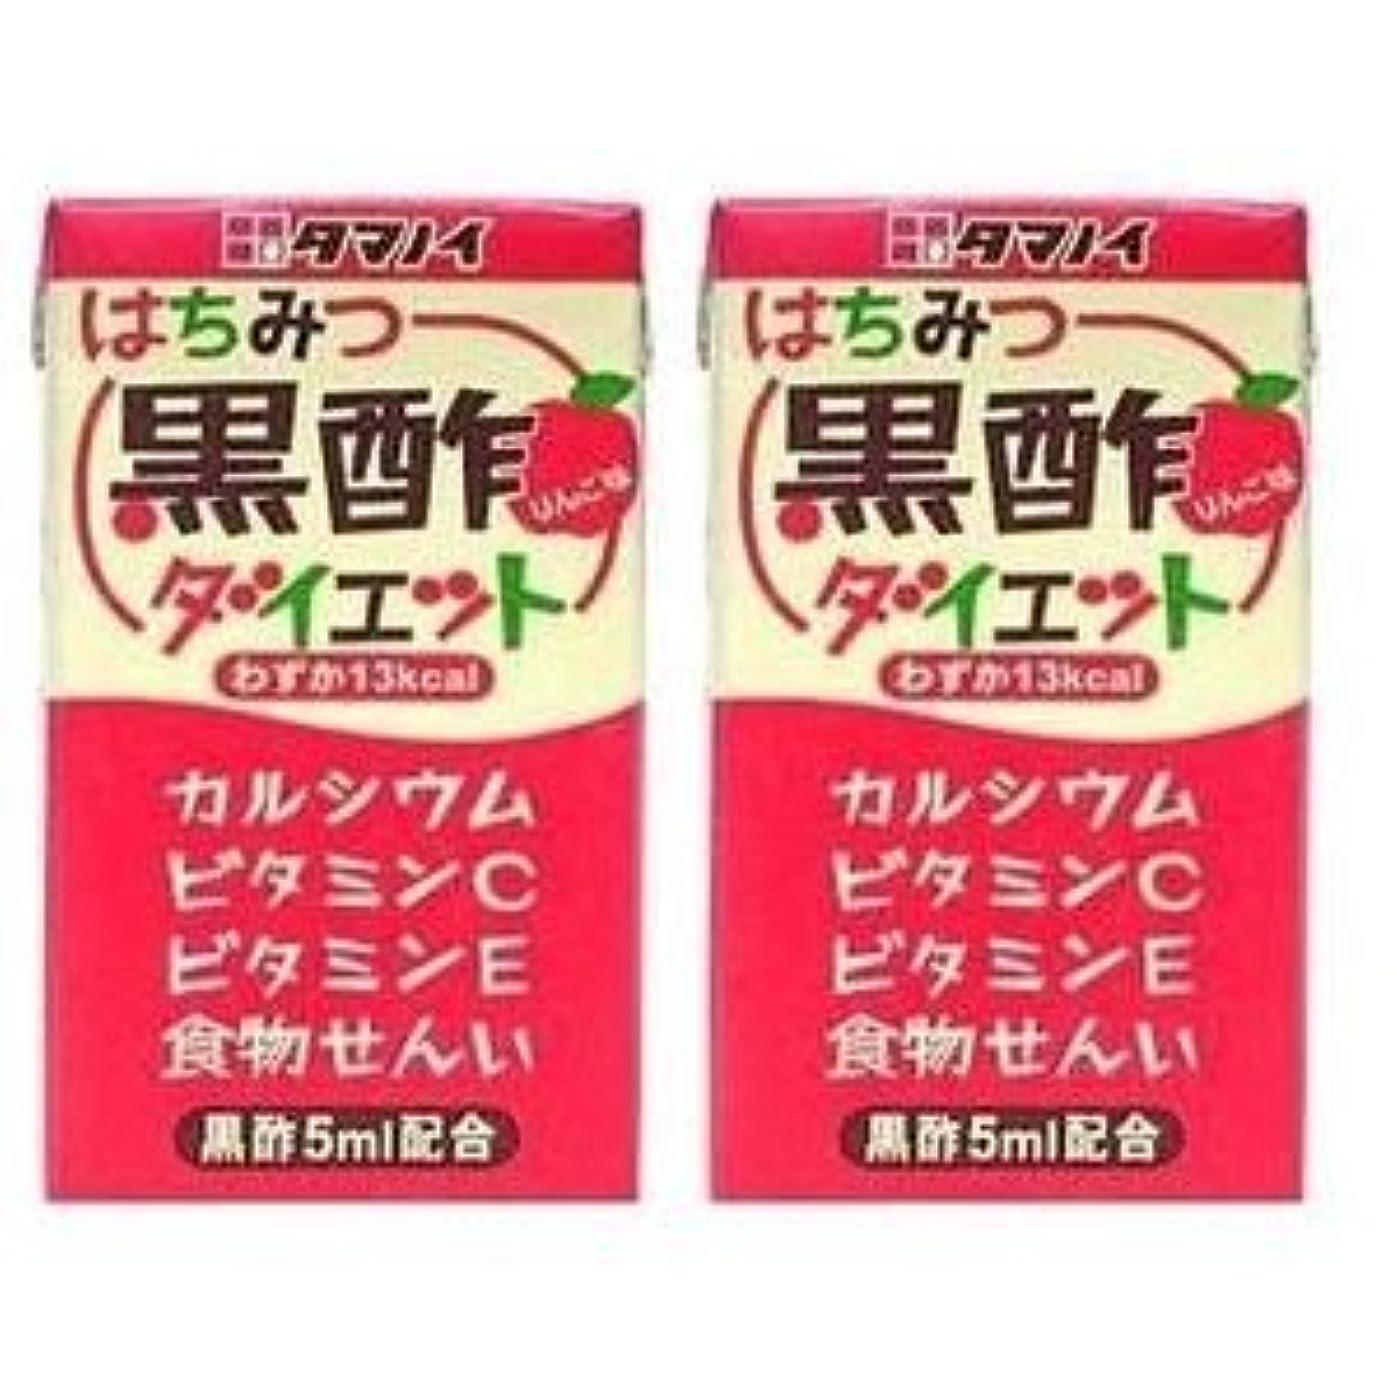 思い出ハンバーガーキャンペーンはちみつ黒酢ダイエットLL125ML0 タマノ井酢(株)